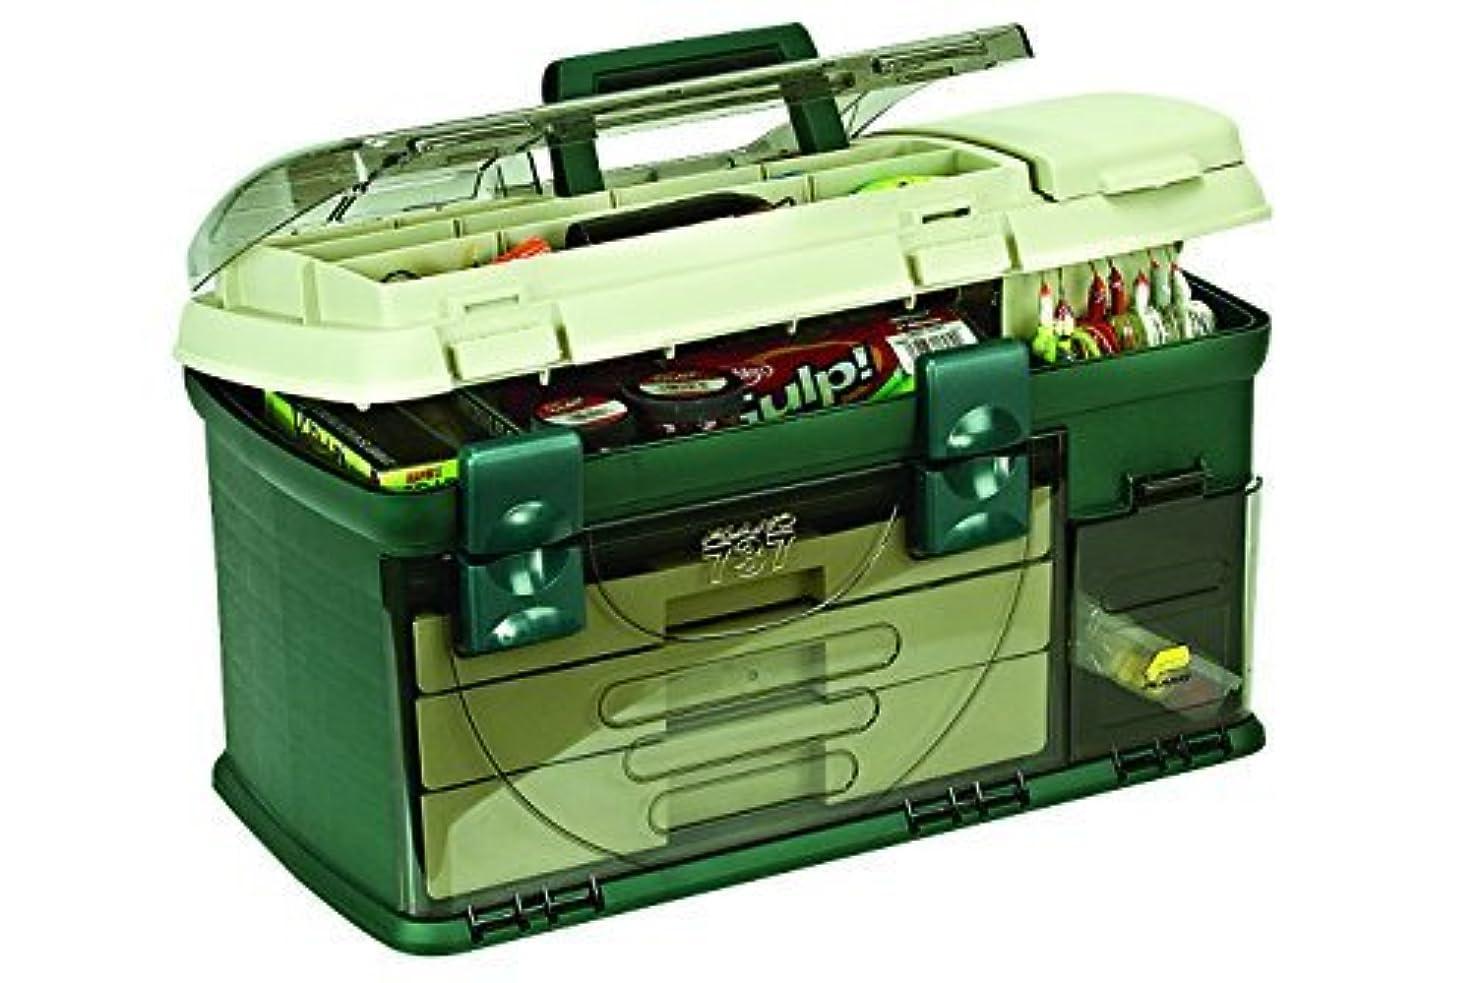 切り刻むスチール娘Plano 3-Drawer Tackle Box, Green Metallic/Beige